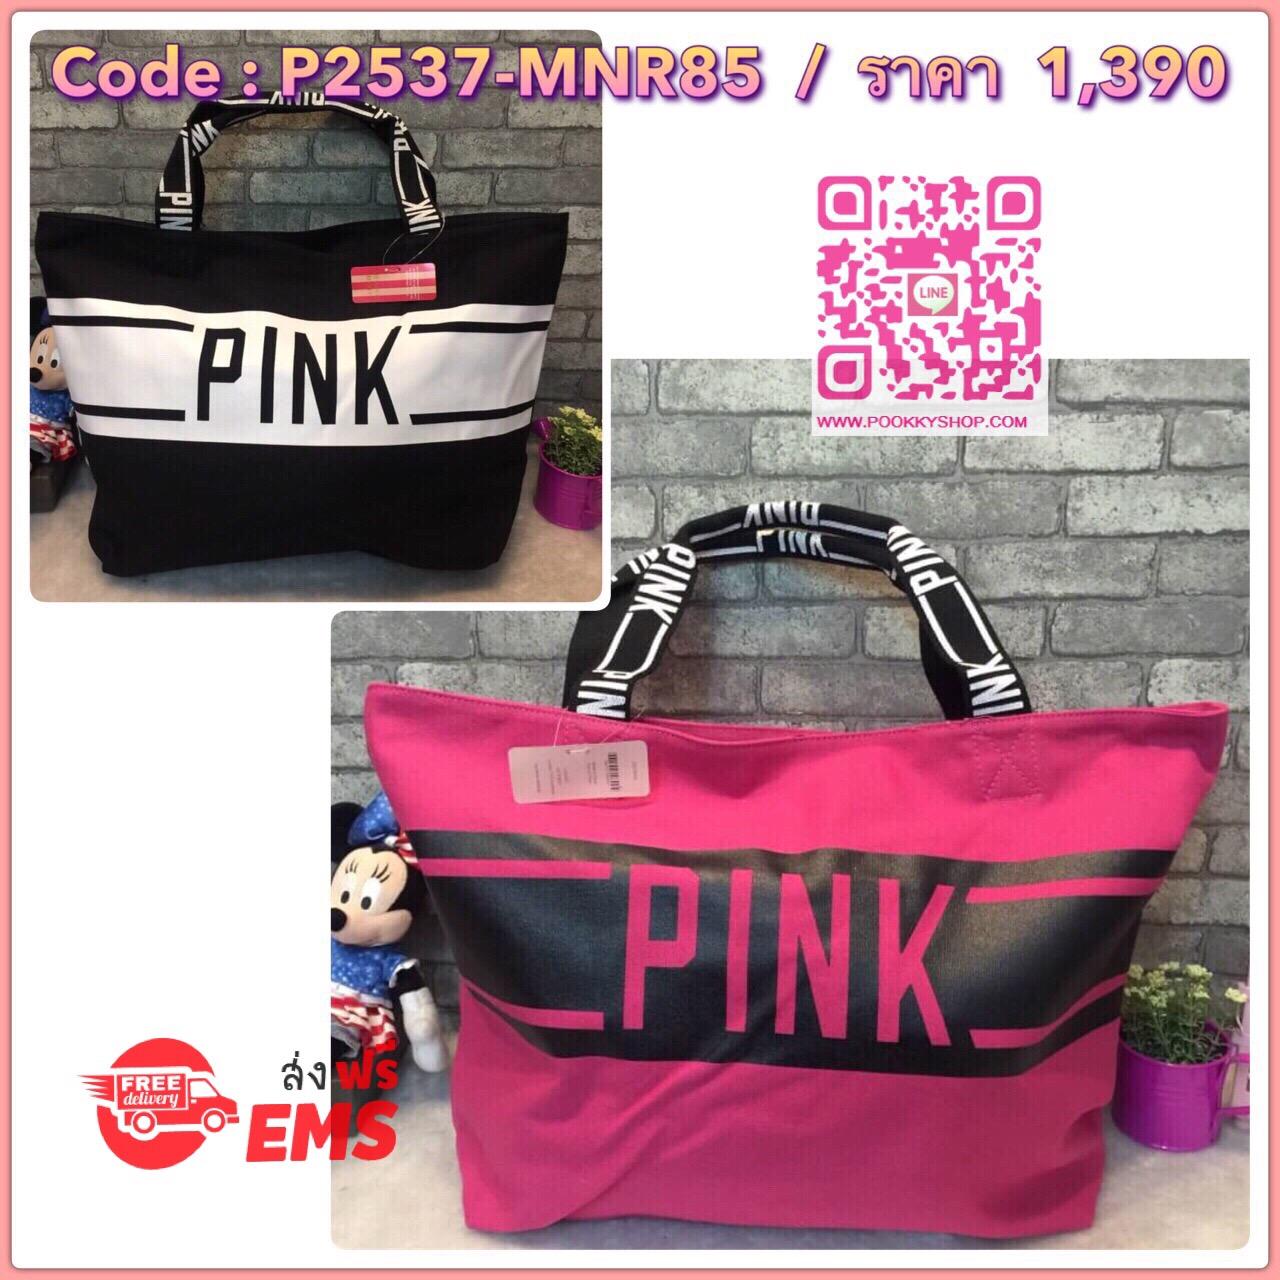 กระเป๋า Victoria's Secret ใบใหญ่ สามารถใส่เสื้อผ้าเดินทางได้ 1-2 วัน หรือจะใส่ไปฟิตเนสก็ได้นะคะ มีซิปรูดเปิดปิด หูกระเป๋าคาดตัวอักษร Pink เกร๋ๆ